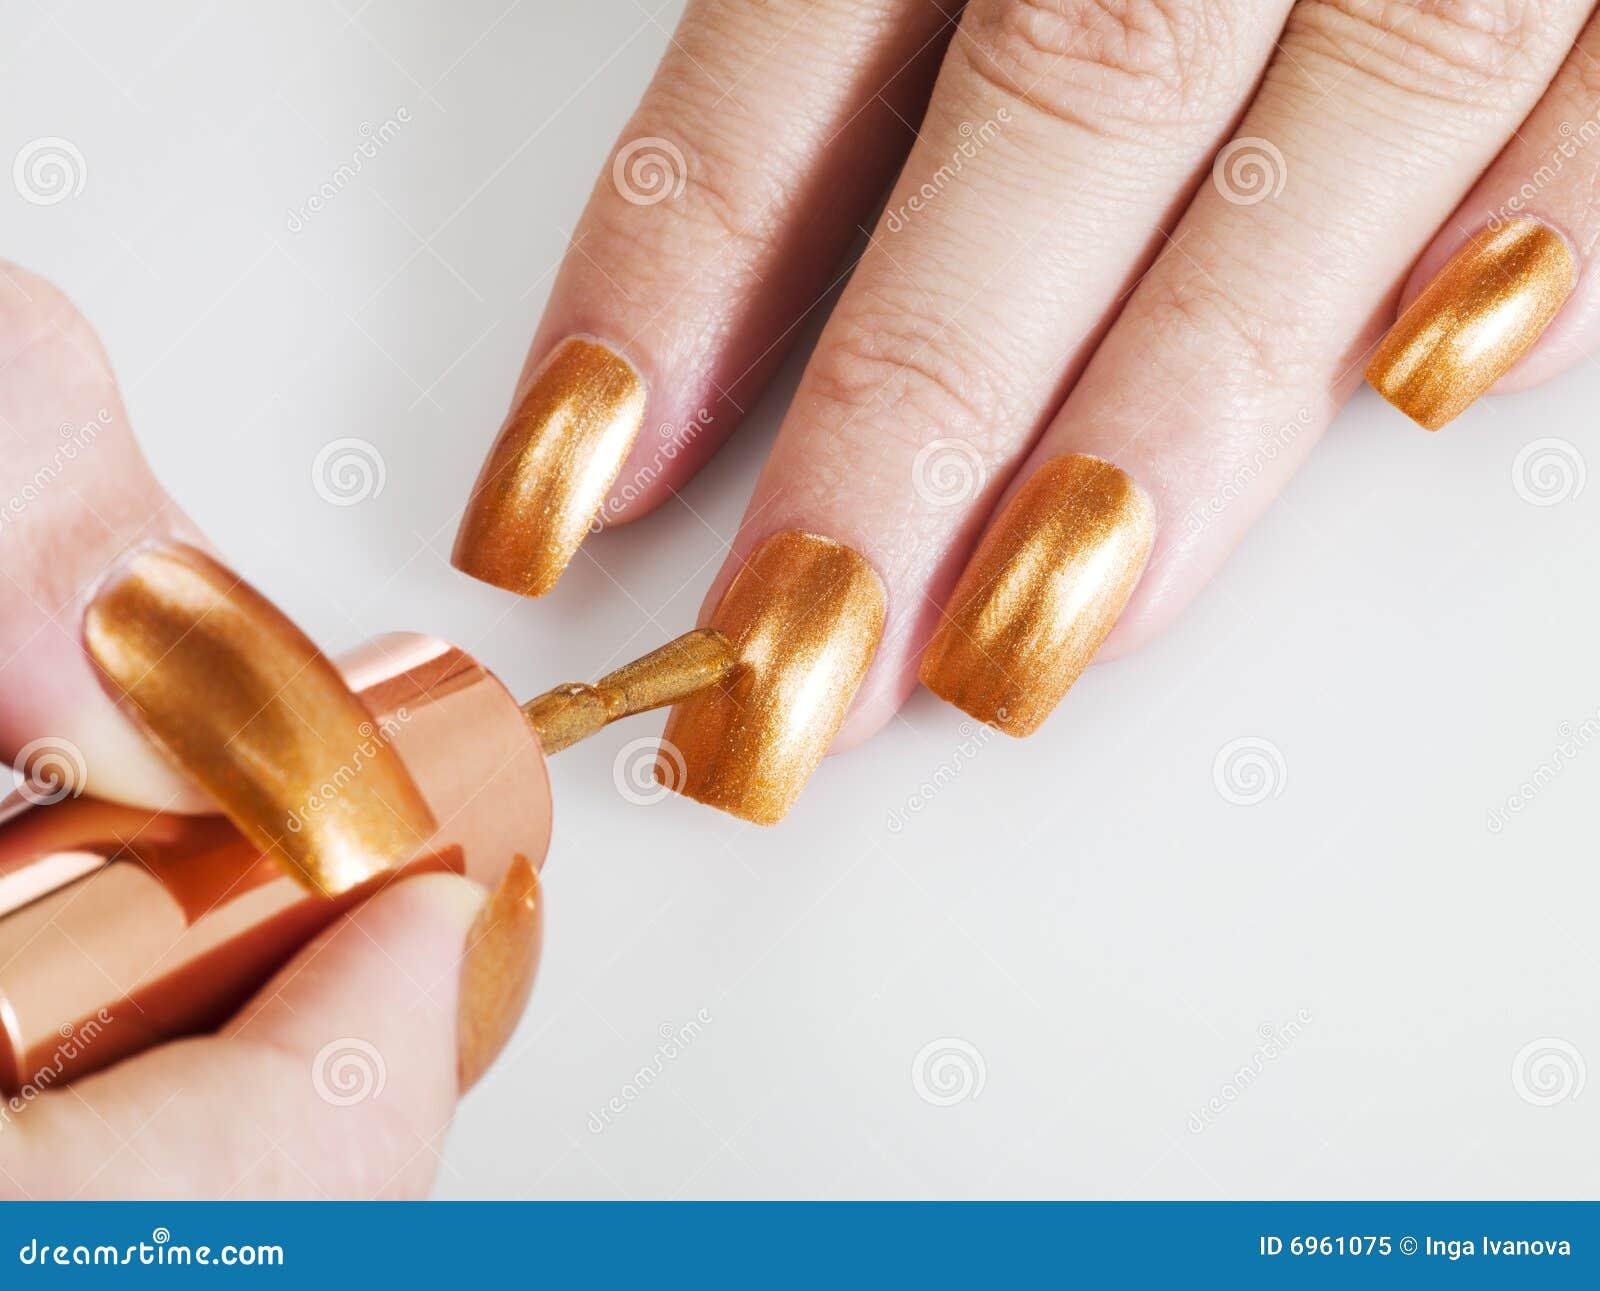 Golden nail polish